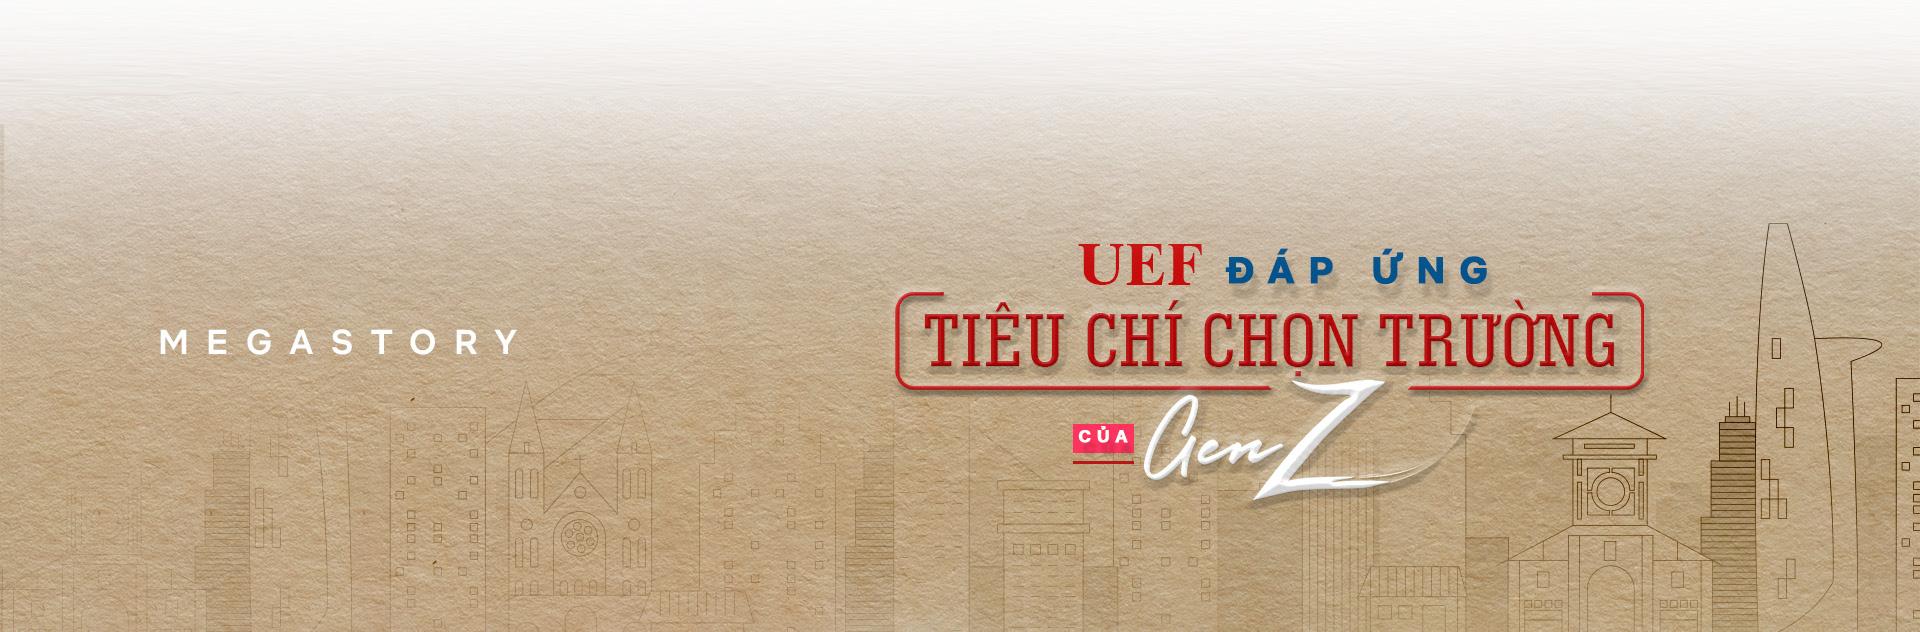 UEF đáp ứng tiêu chí chọn trường của Gen Z - Ảnh 12.